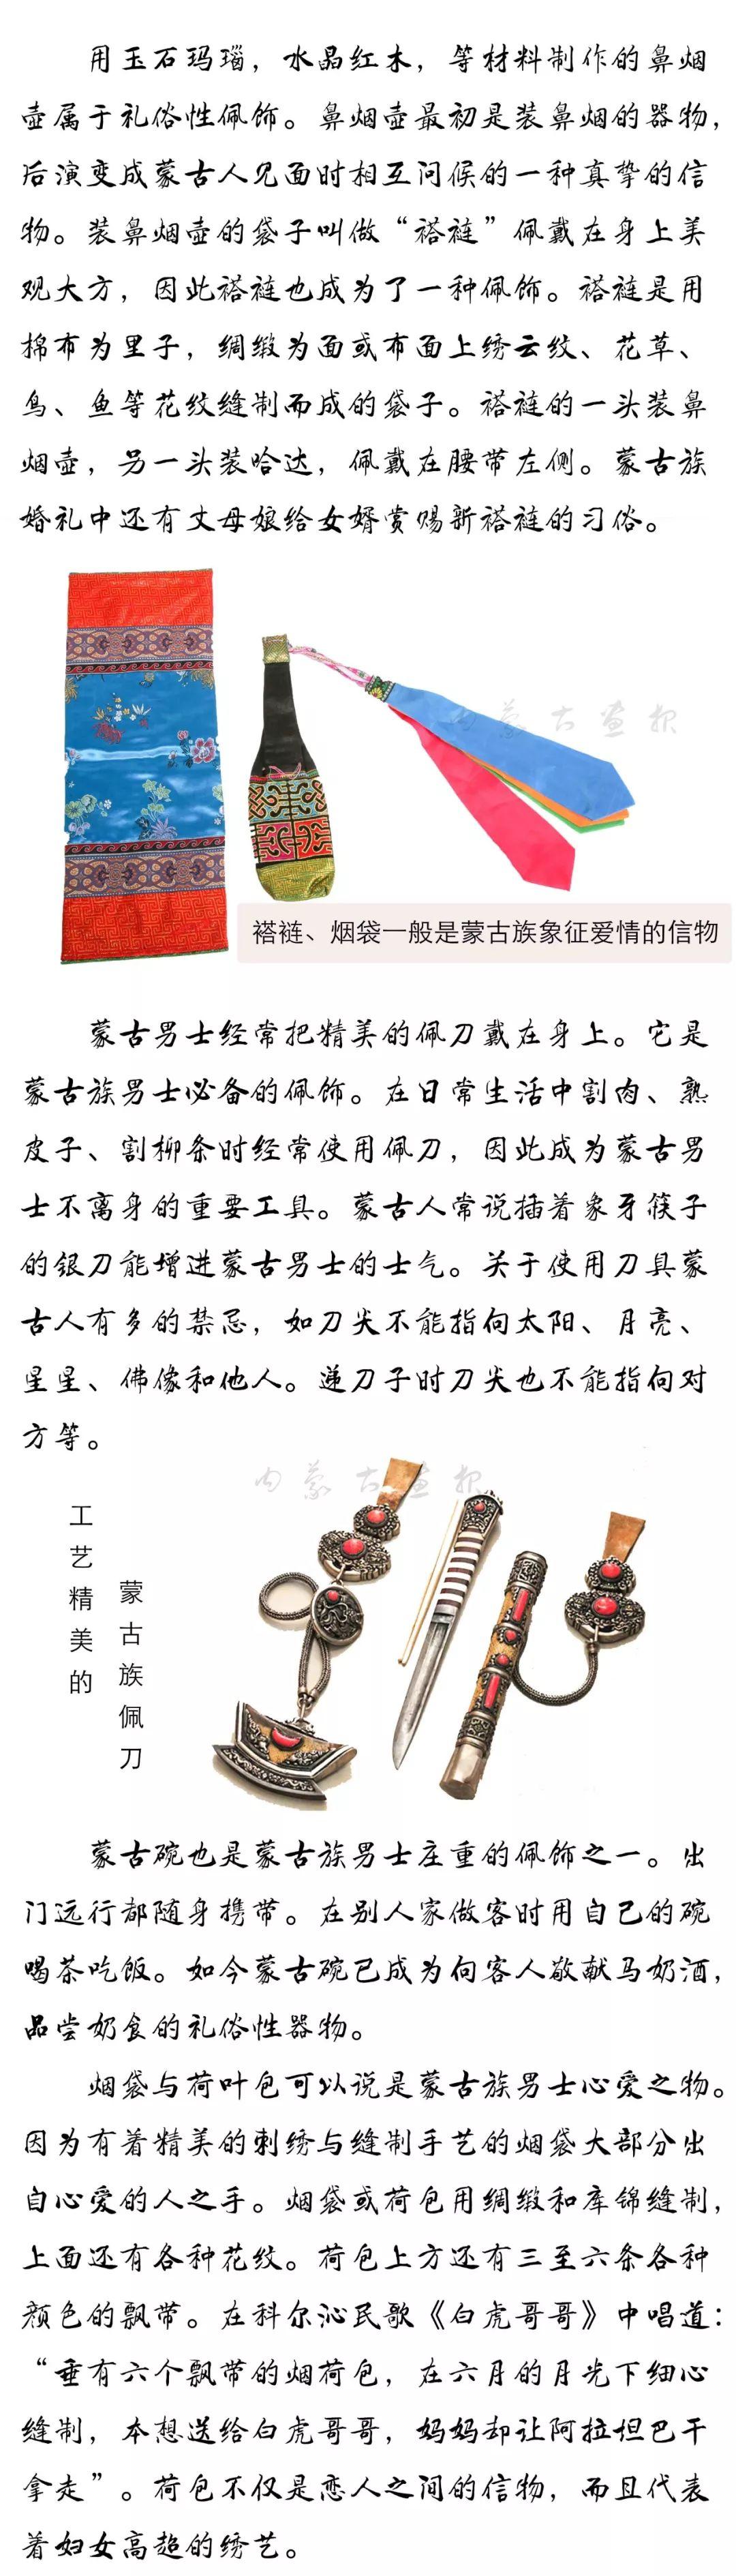 装点世界的蒙古族传统佩饰 | 男士篇 第11张